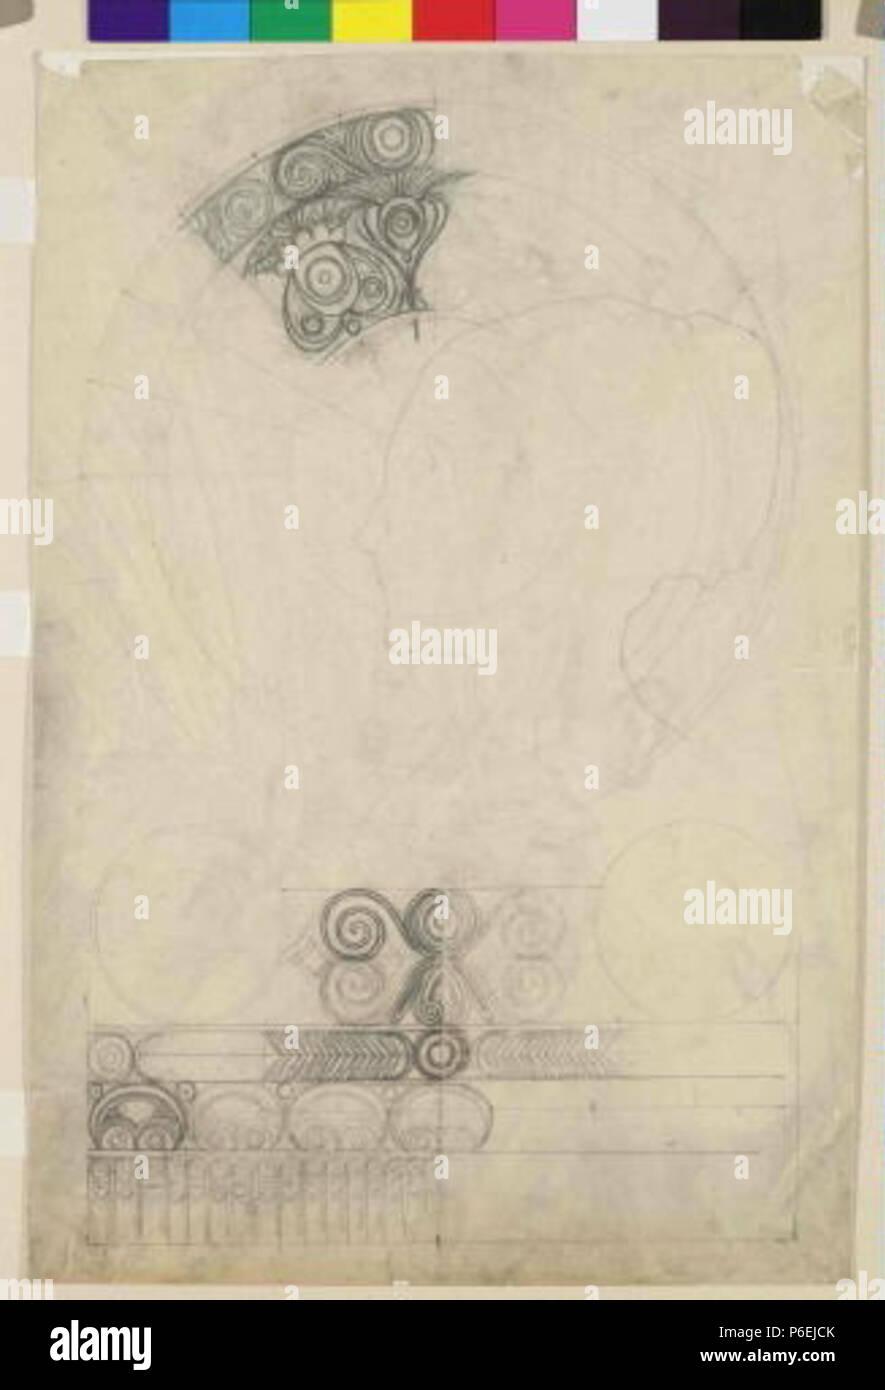 . Eština dekorativnímu: Studie k panneau Chardon de greves vers 1901 6 auteurs Alfons Mucha 24.7.1860-14.7,1939 - Studie k dekorativnimu panneau Chardon de greves Banque D'Images